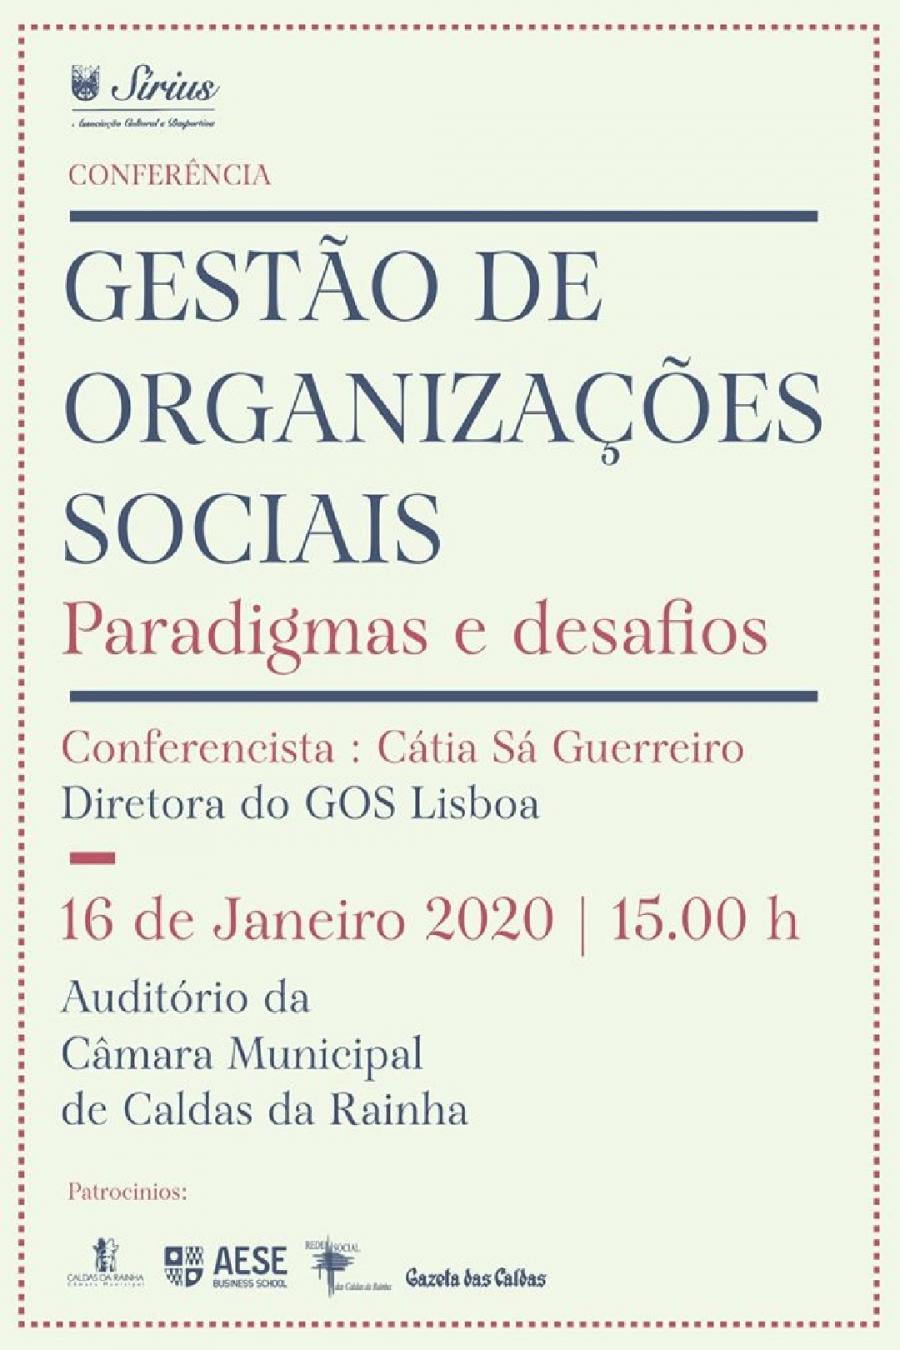 Conferência 'Gestão de Organizações Sociais'